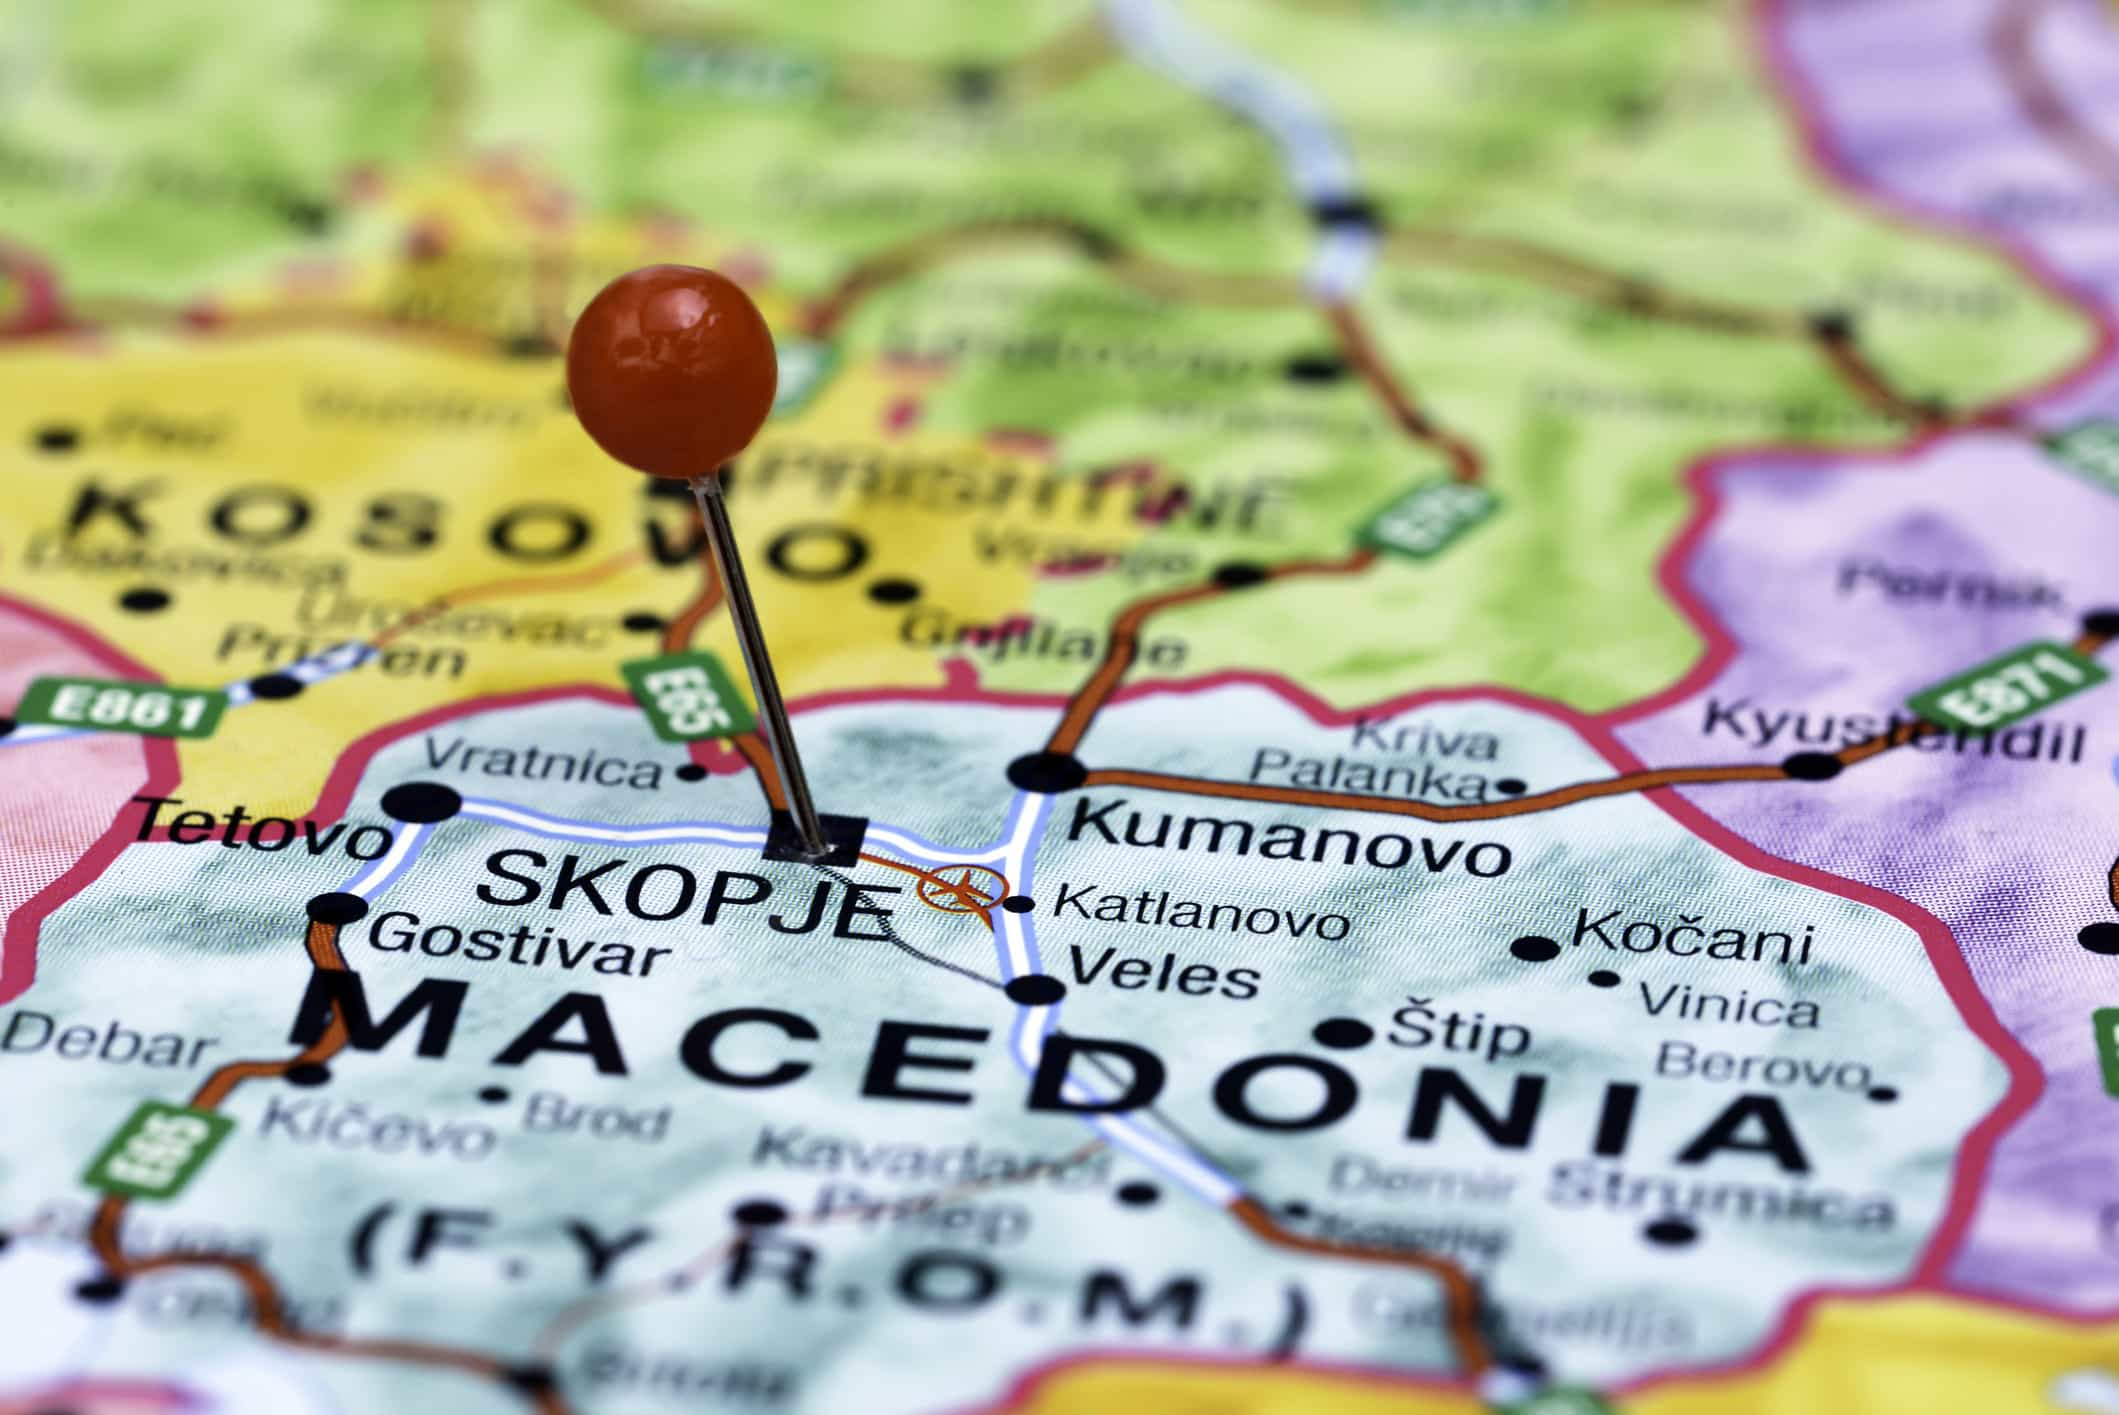 Portugal congratula-se com decisão da Grécia sobre nome da Macedónia